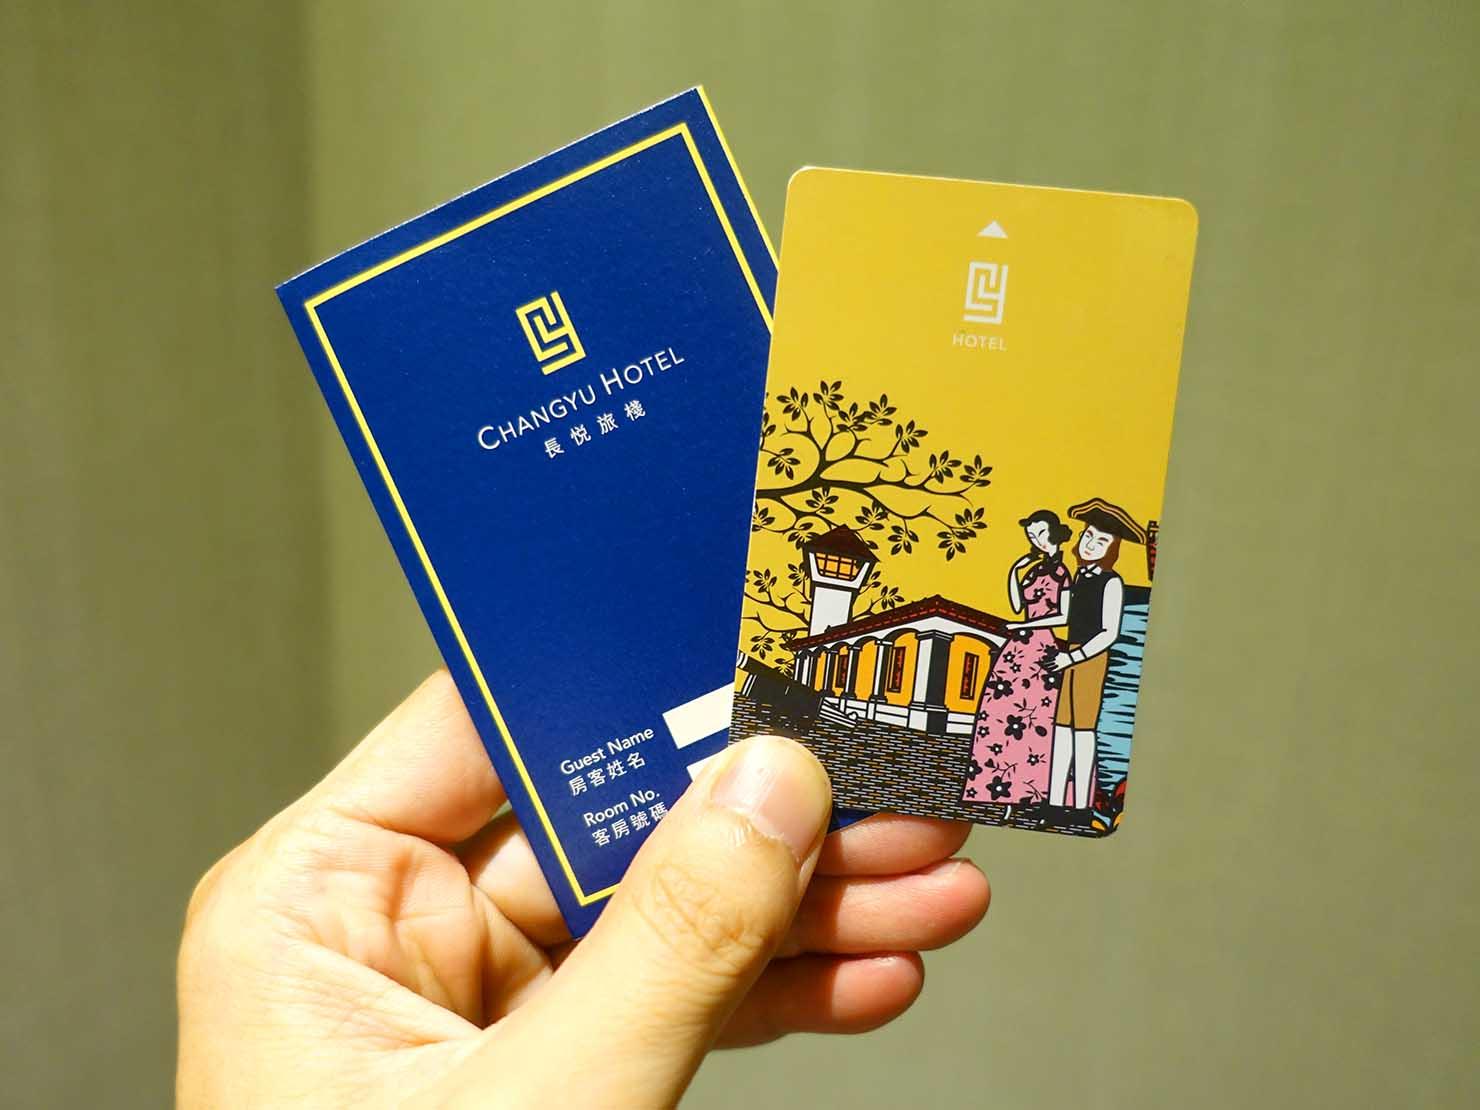 台南市内観光におすすめのホテル「長悅旅棧」のカードキー